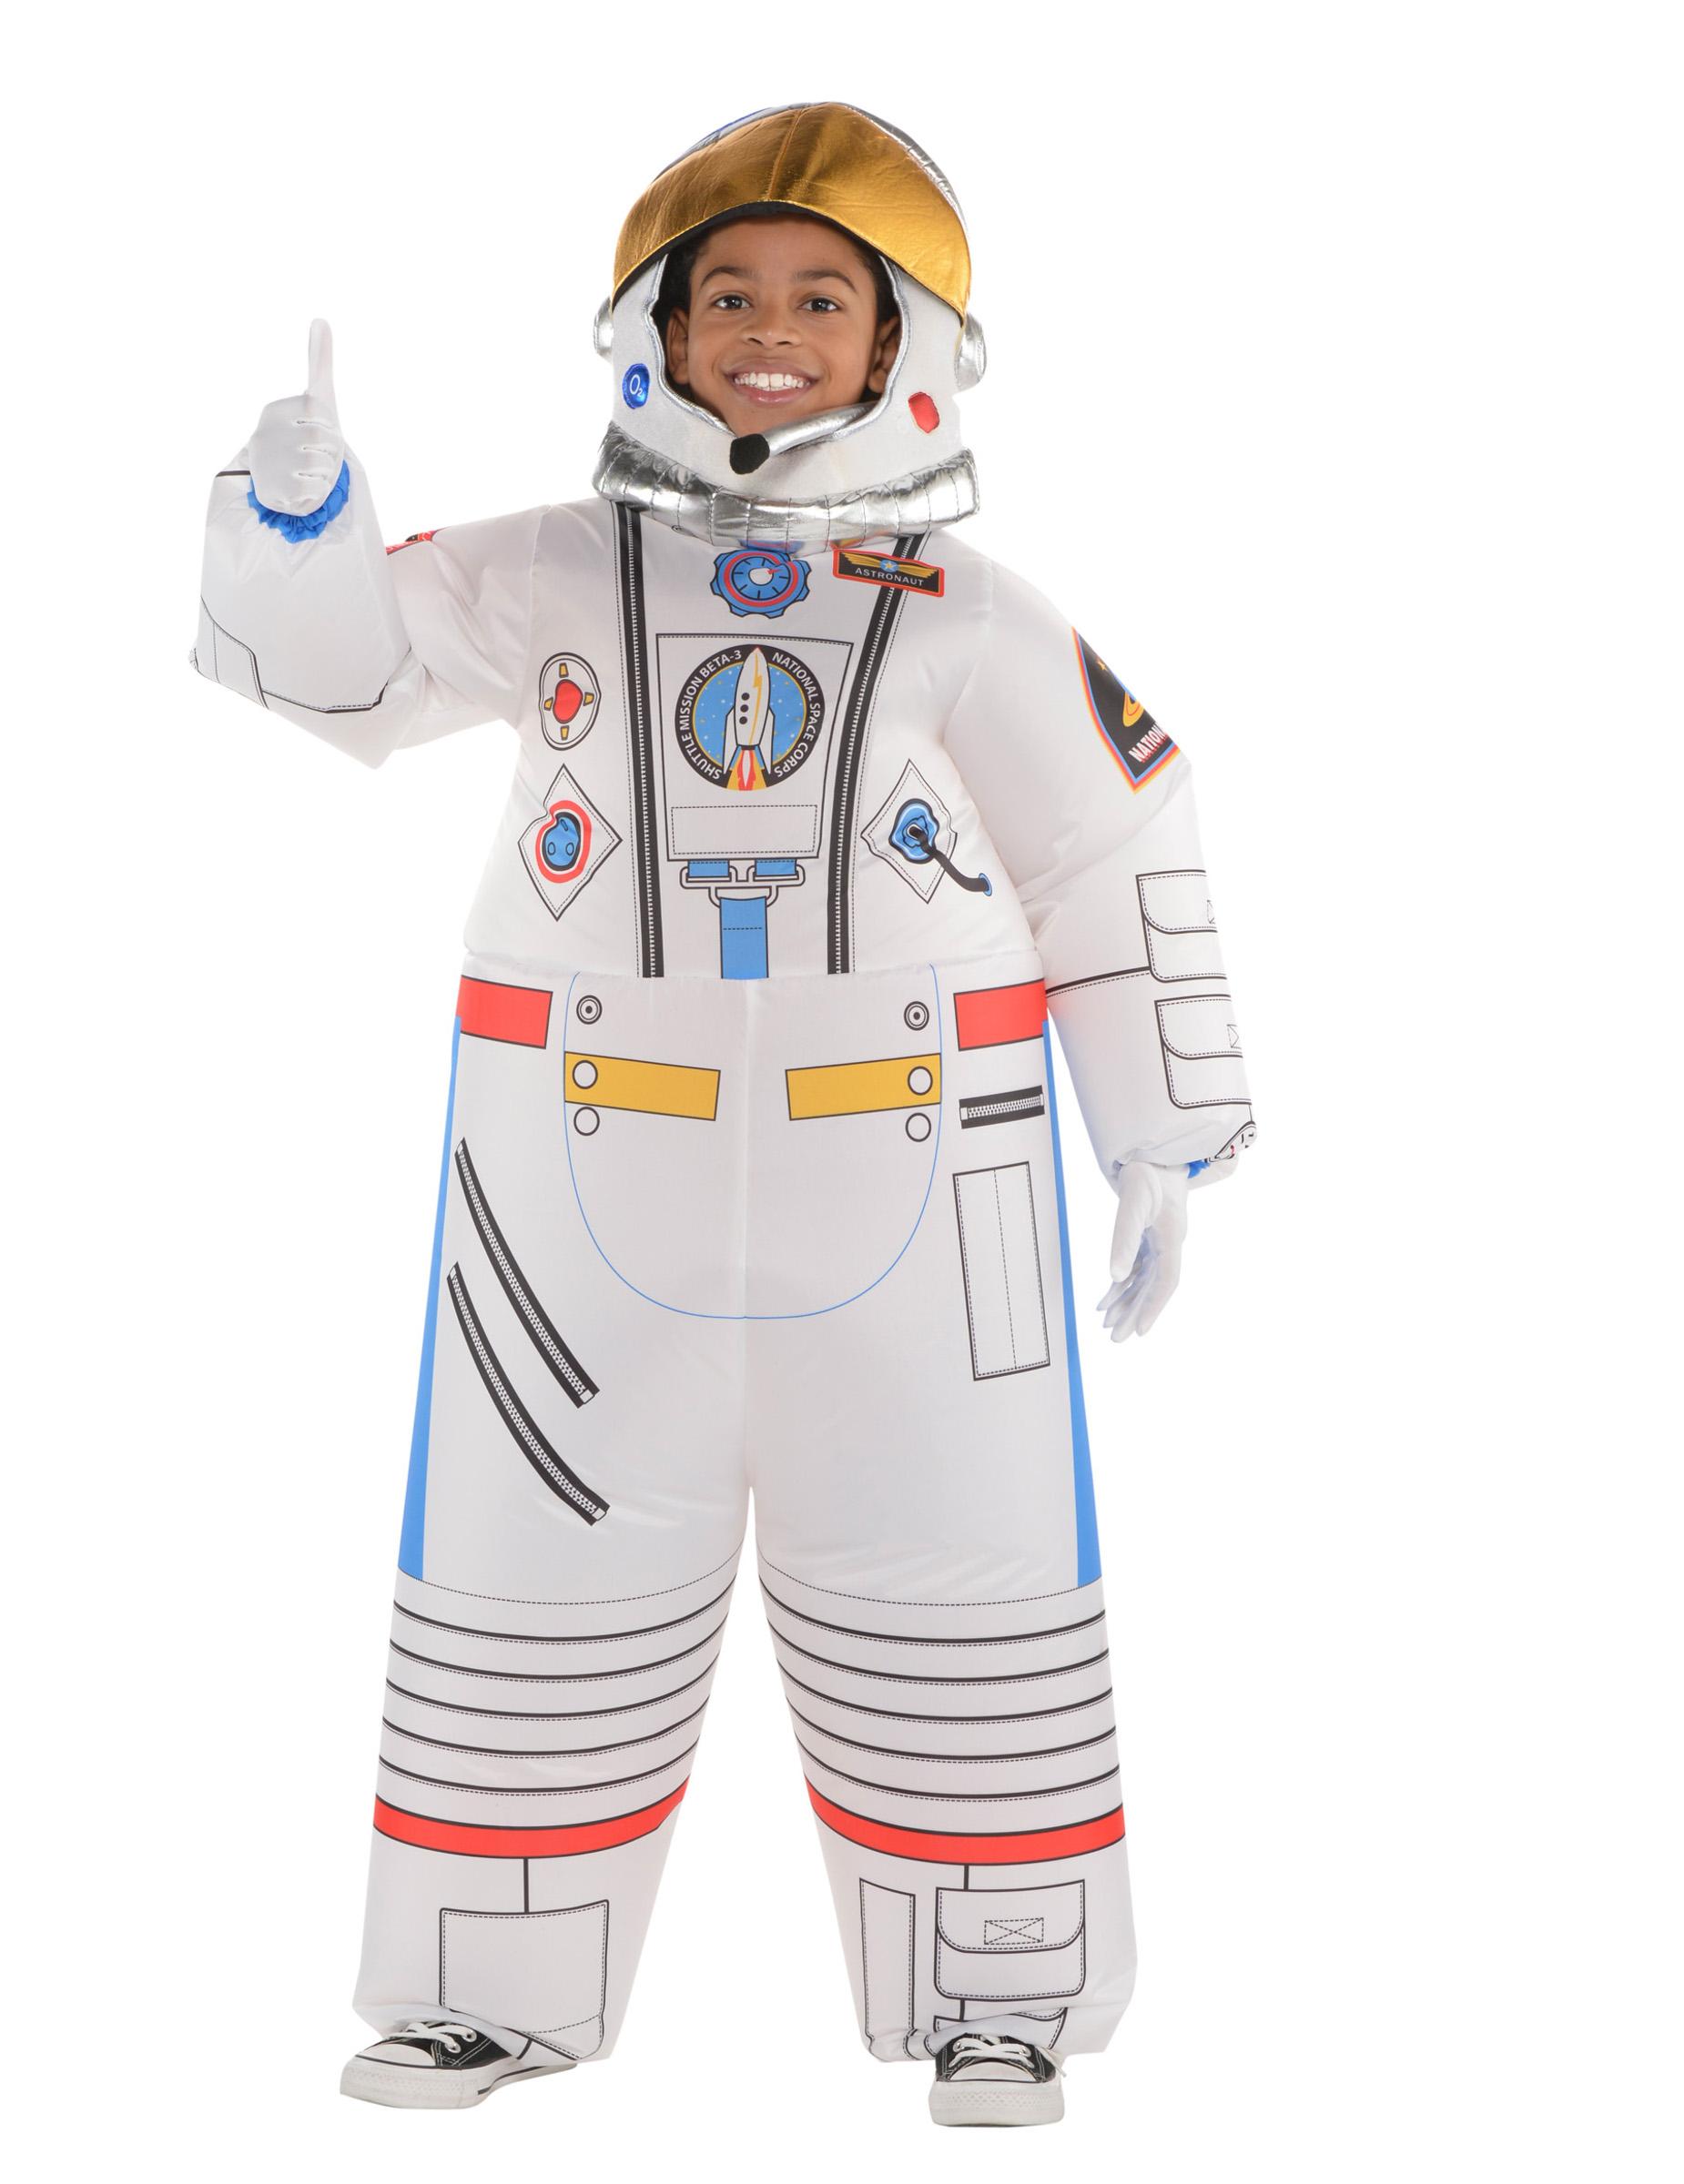 astronauten kost m f r kinder aufblasbar fasching weiss. Black Bedroom Furniture Sets. Home Design Ideas